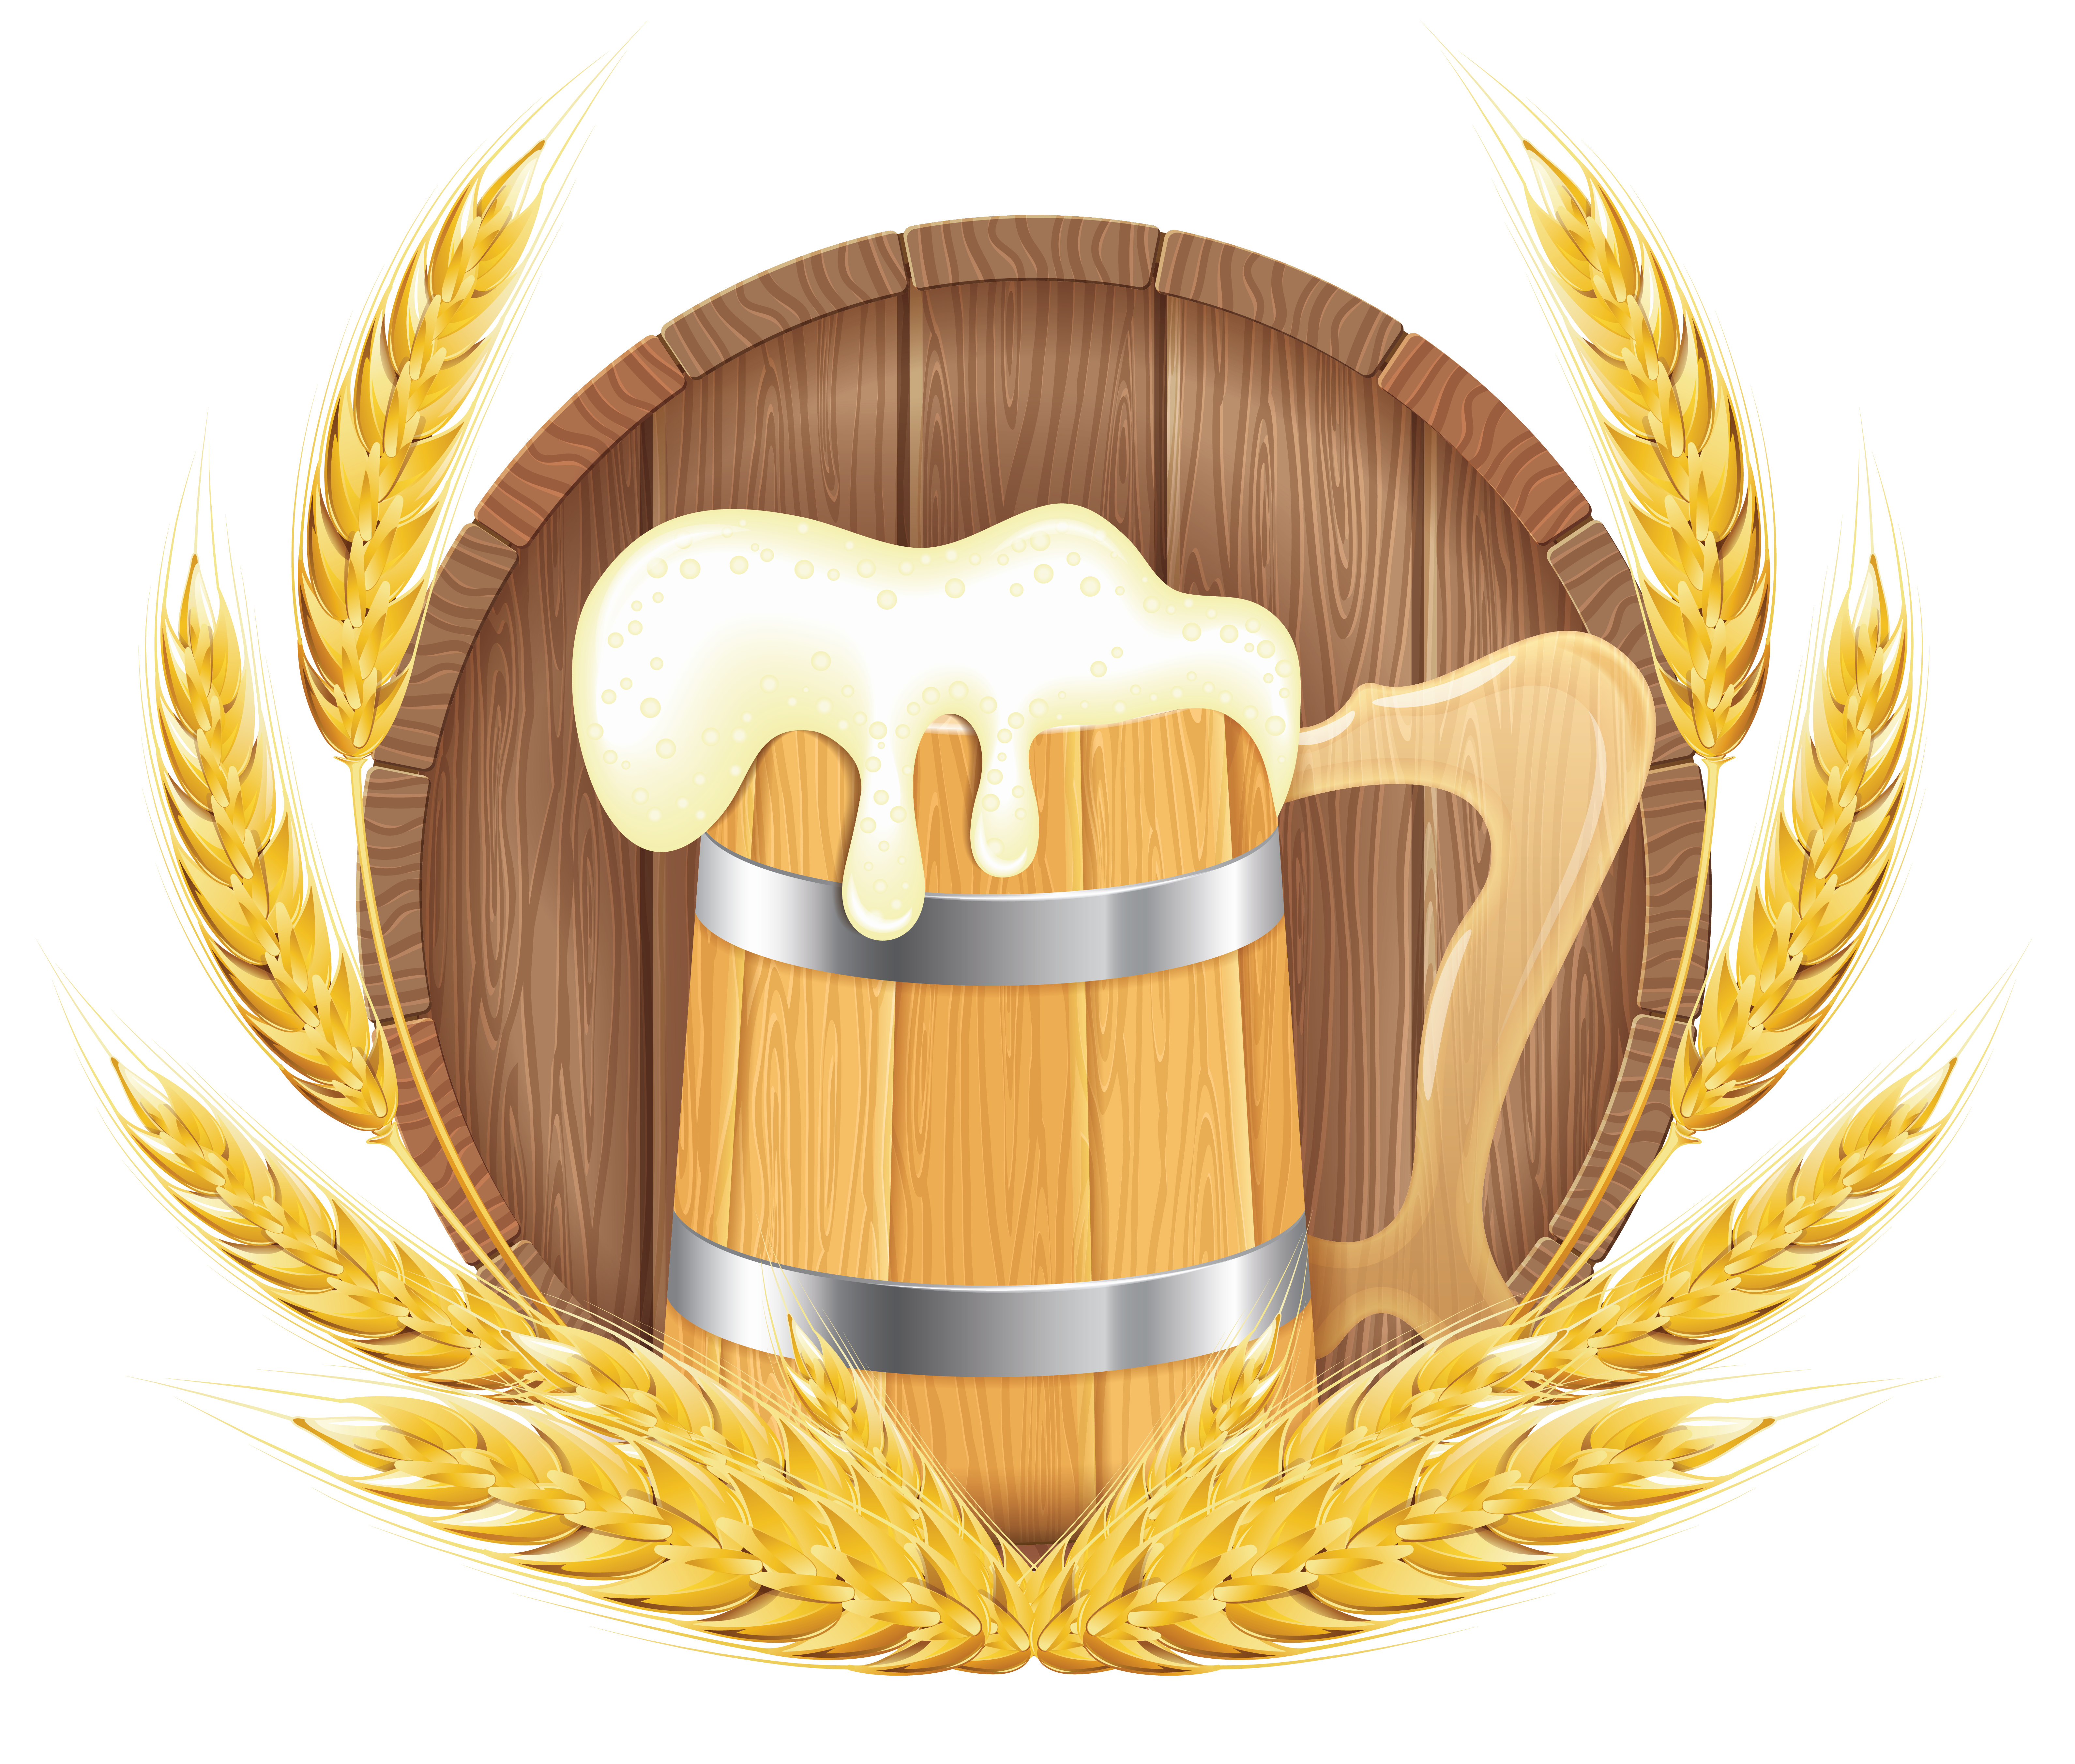 Beer clipart beer barrel Barrel View and Wheat Beer